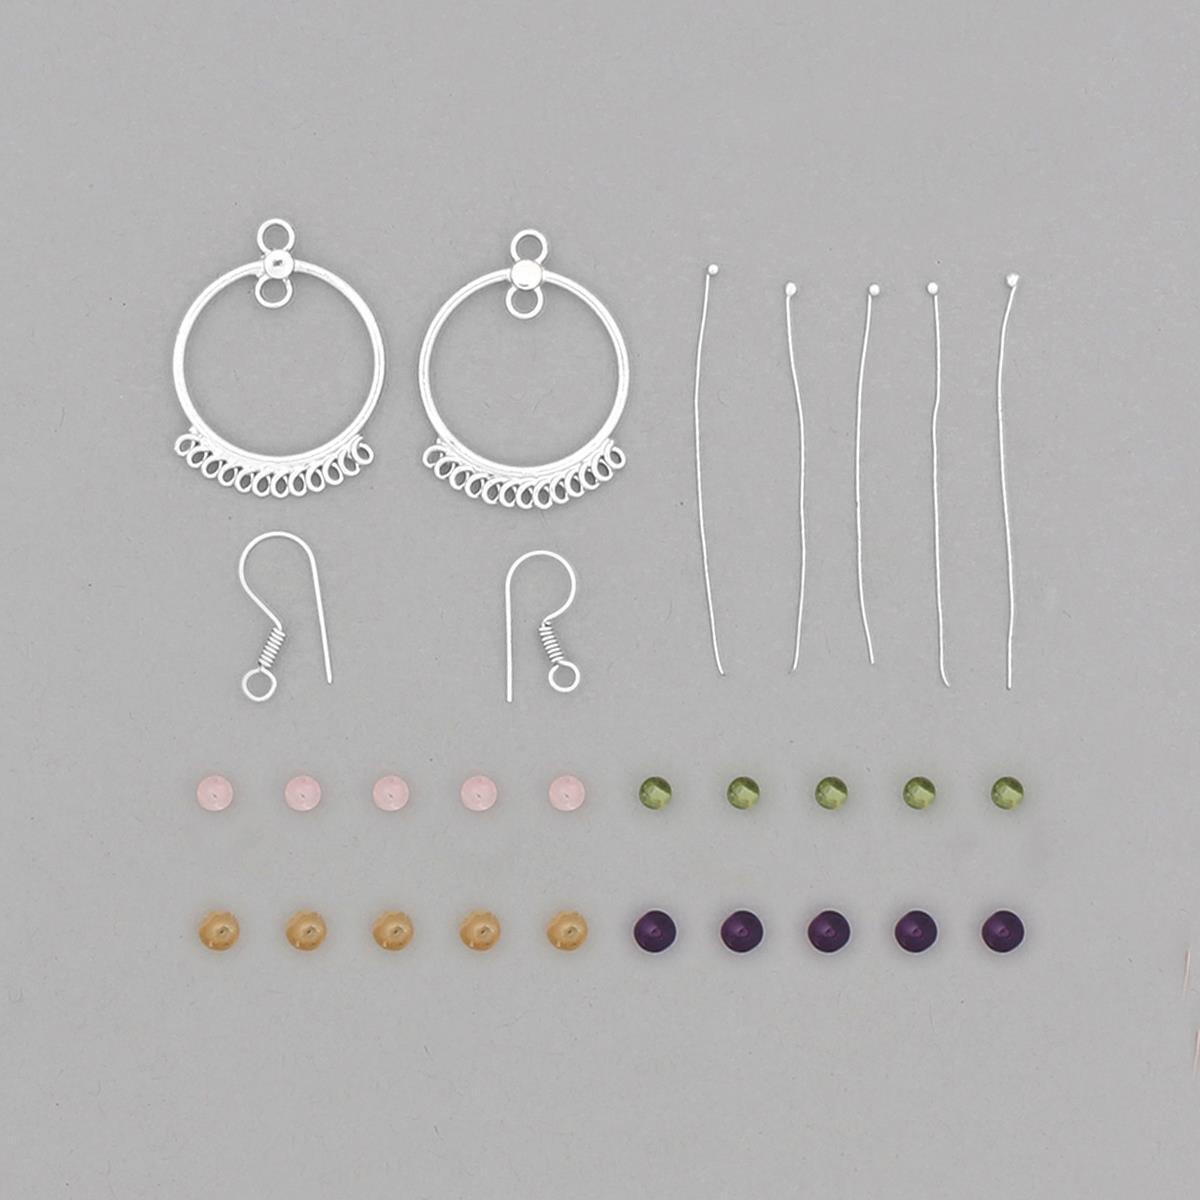 Silver Plated Copper Chandelier Earrings Project Kit Inc